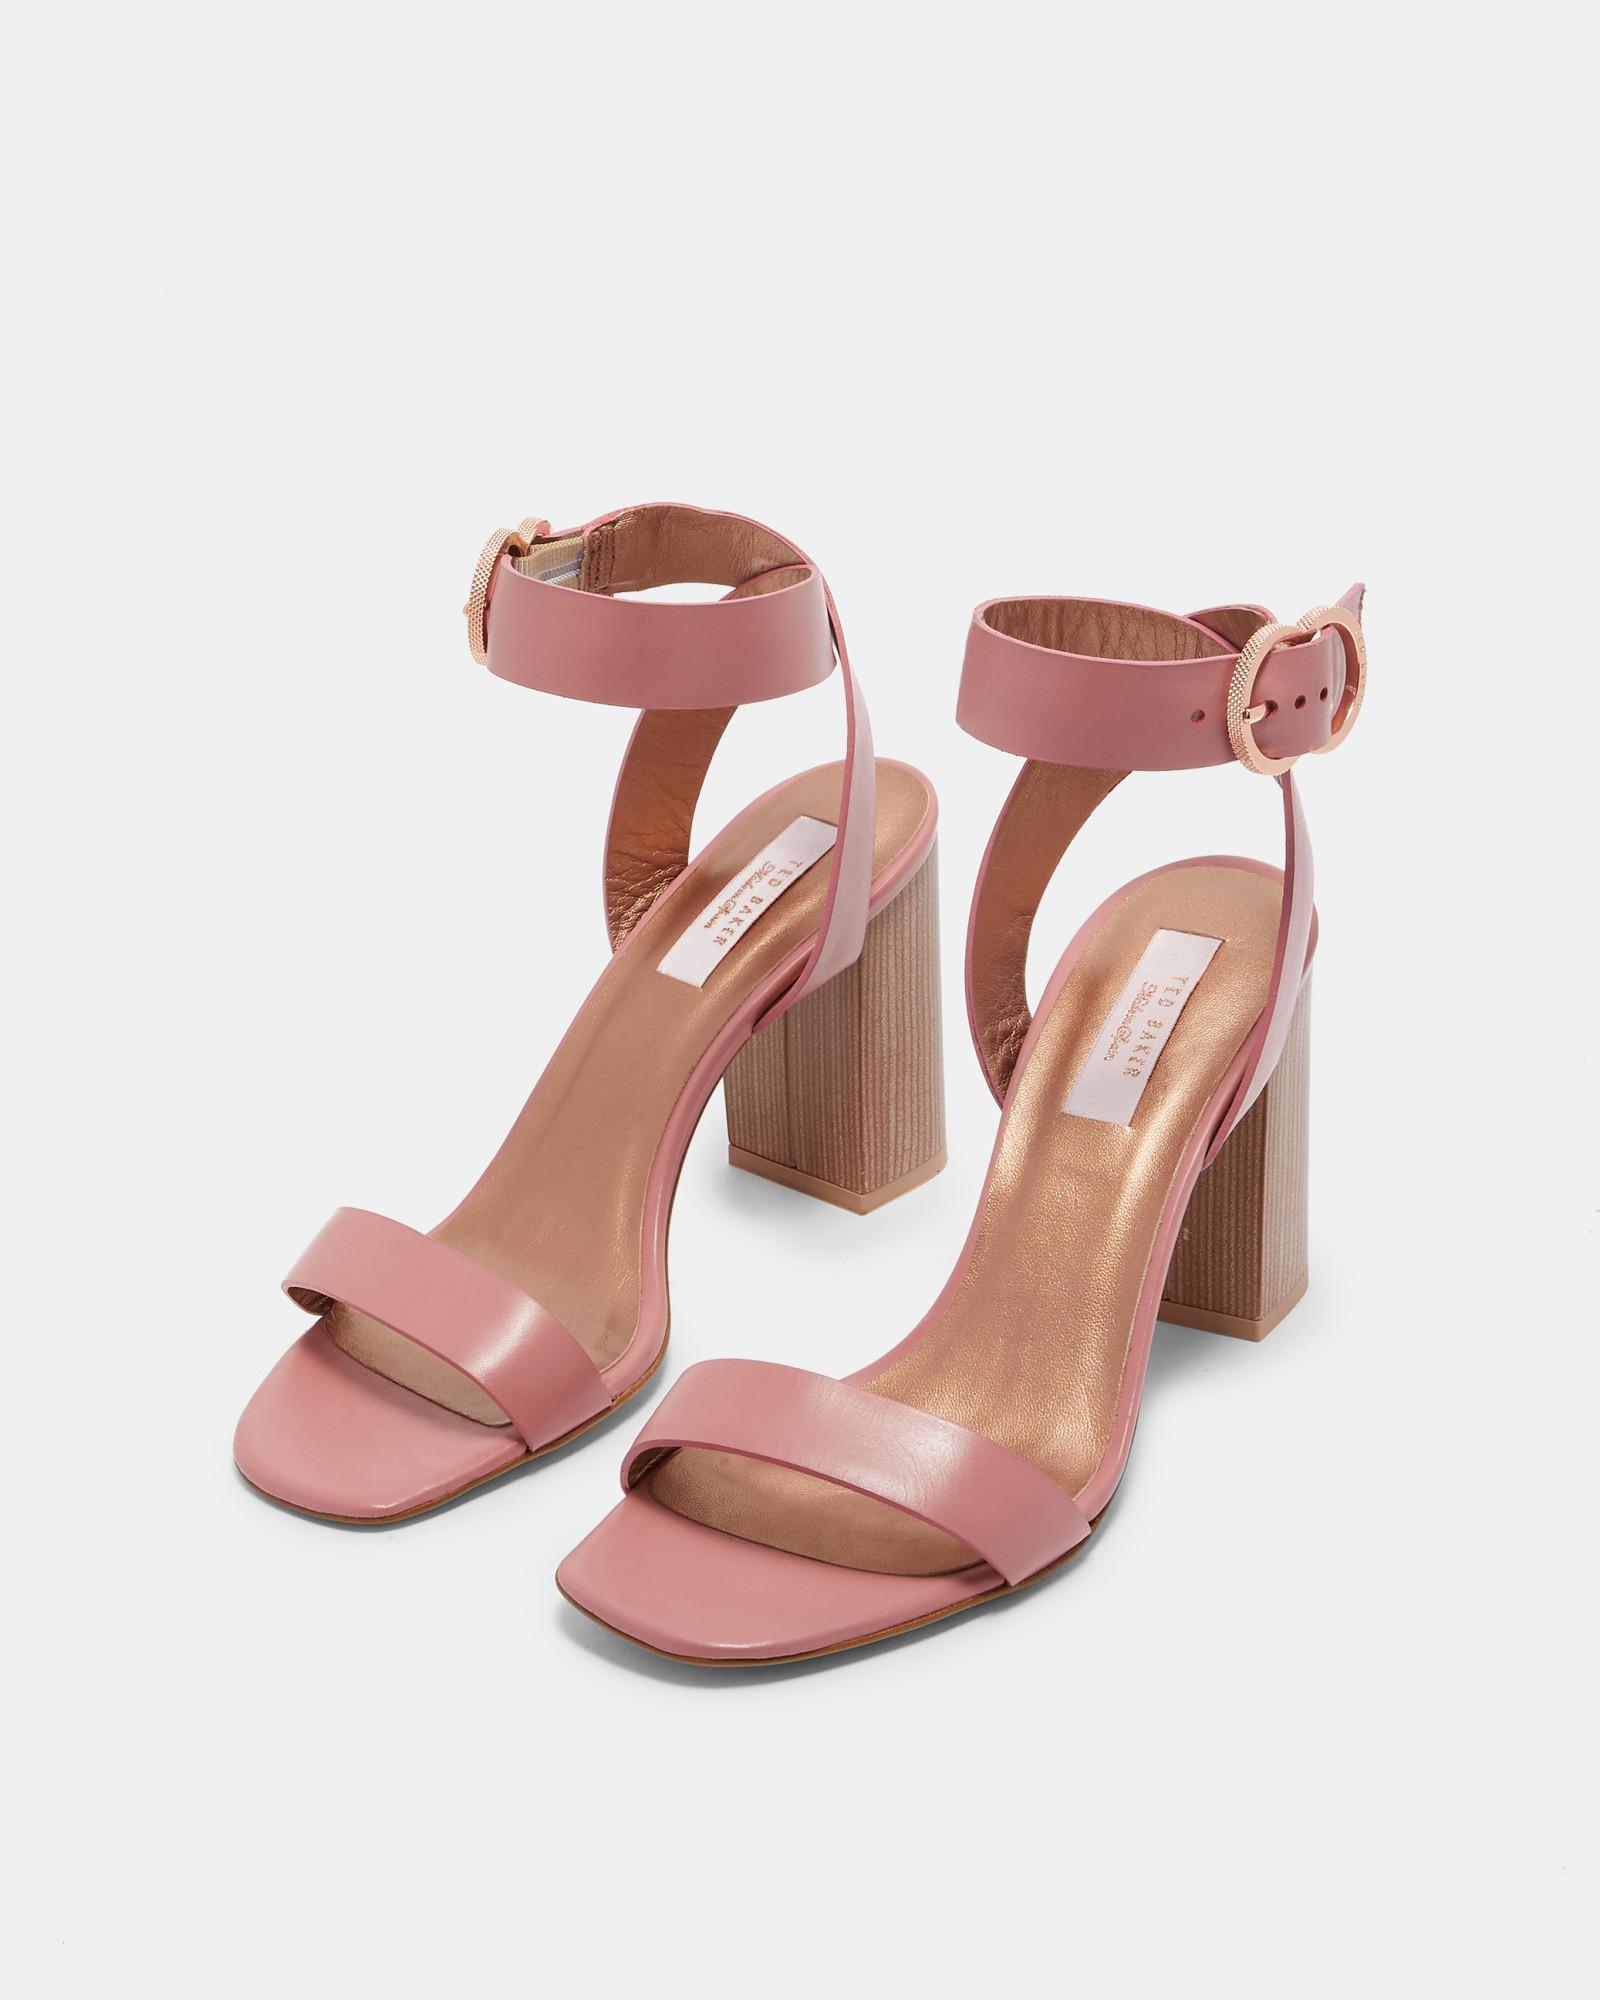 434c17214 Lyst - Ted Baker Block Heel Sandals in Pink